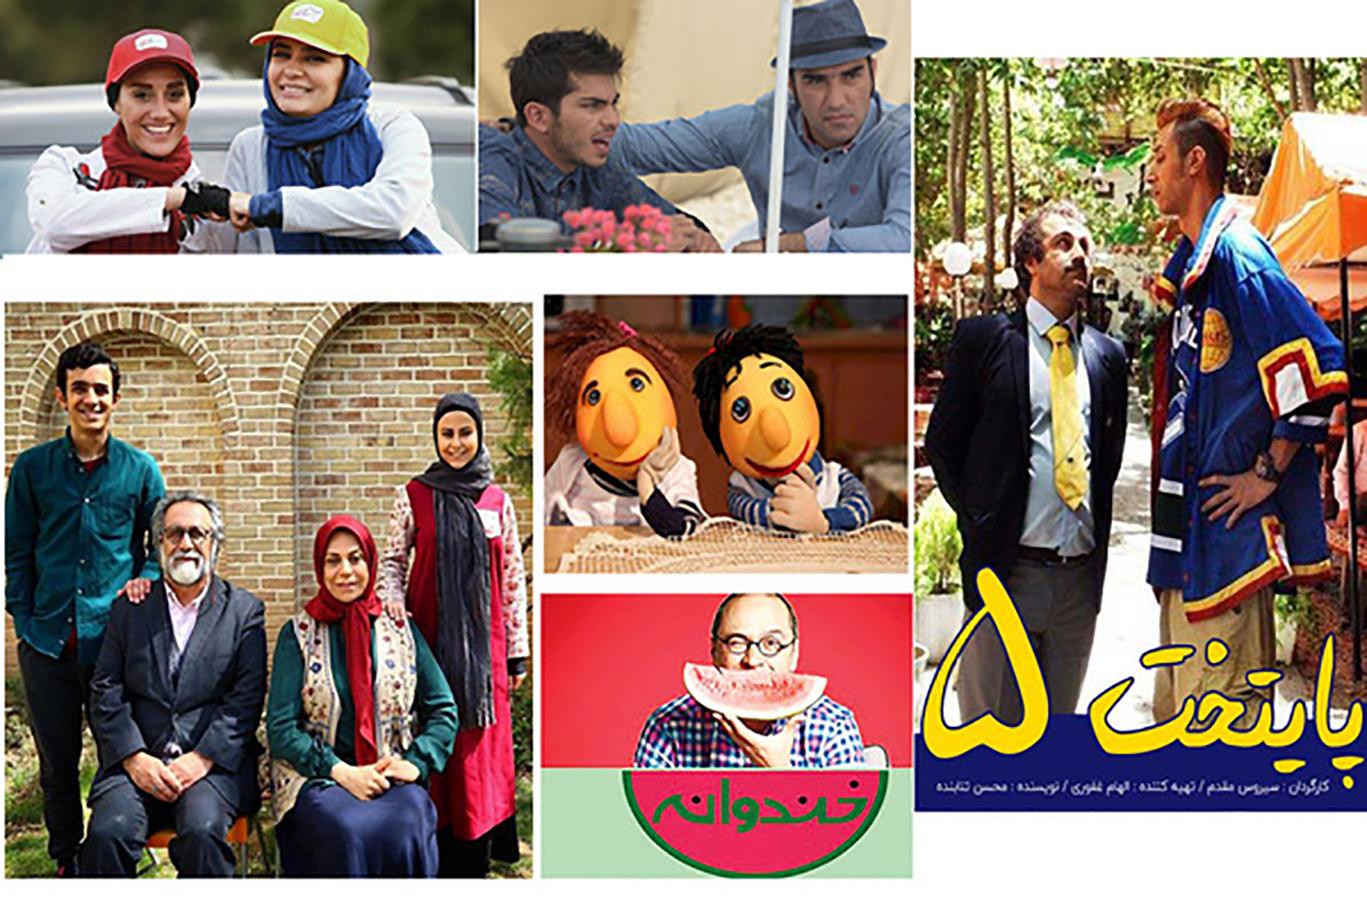 تاریخ سینمای ایران قسمت سوم: سینمای ایران از عرش تا فرش